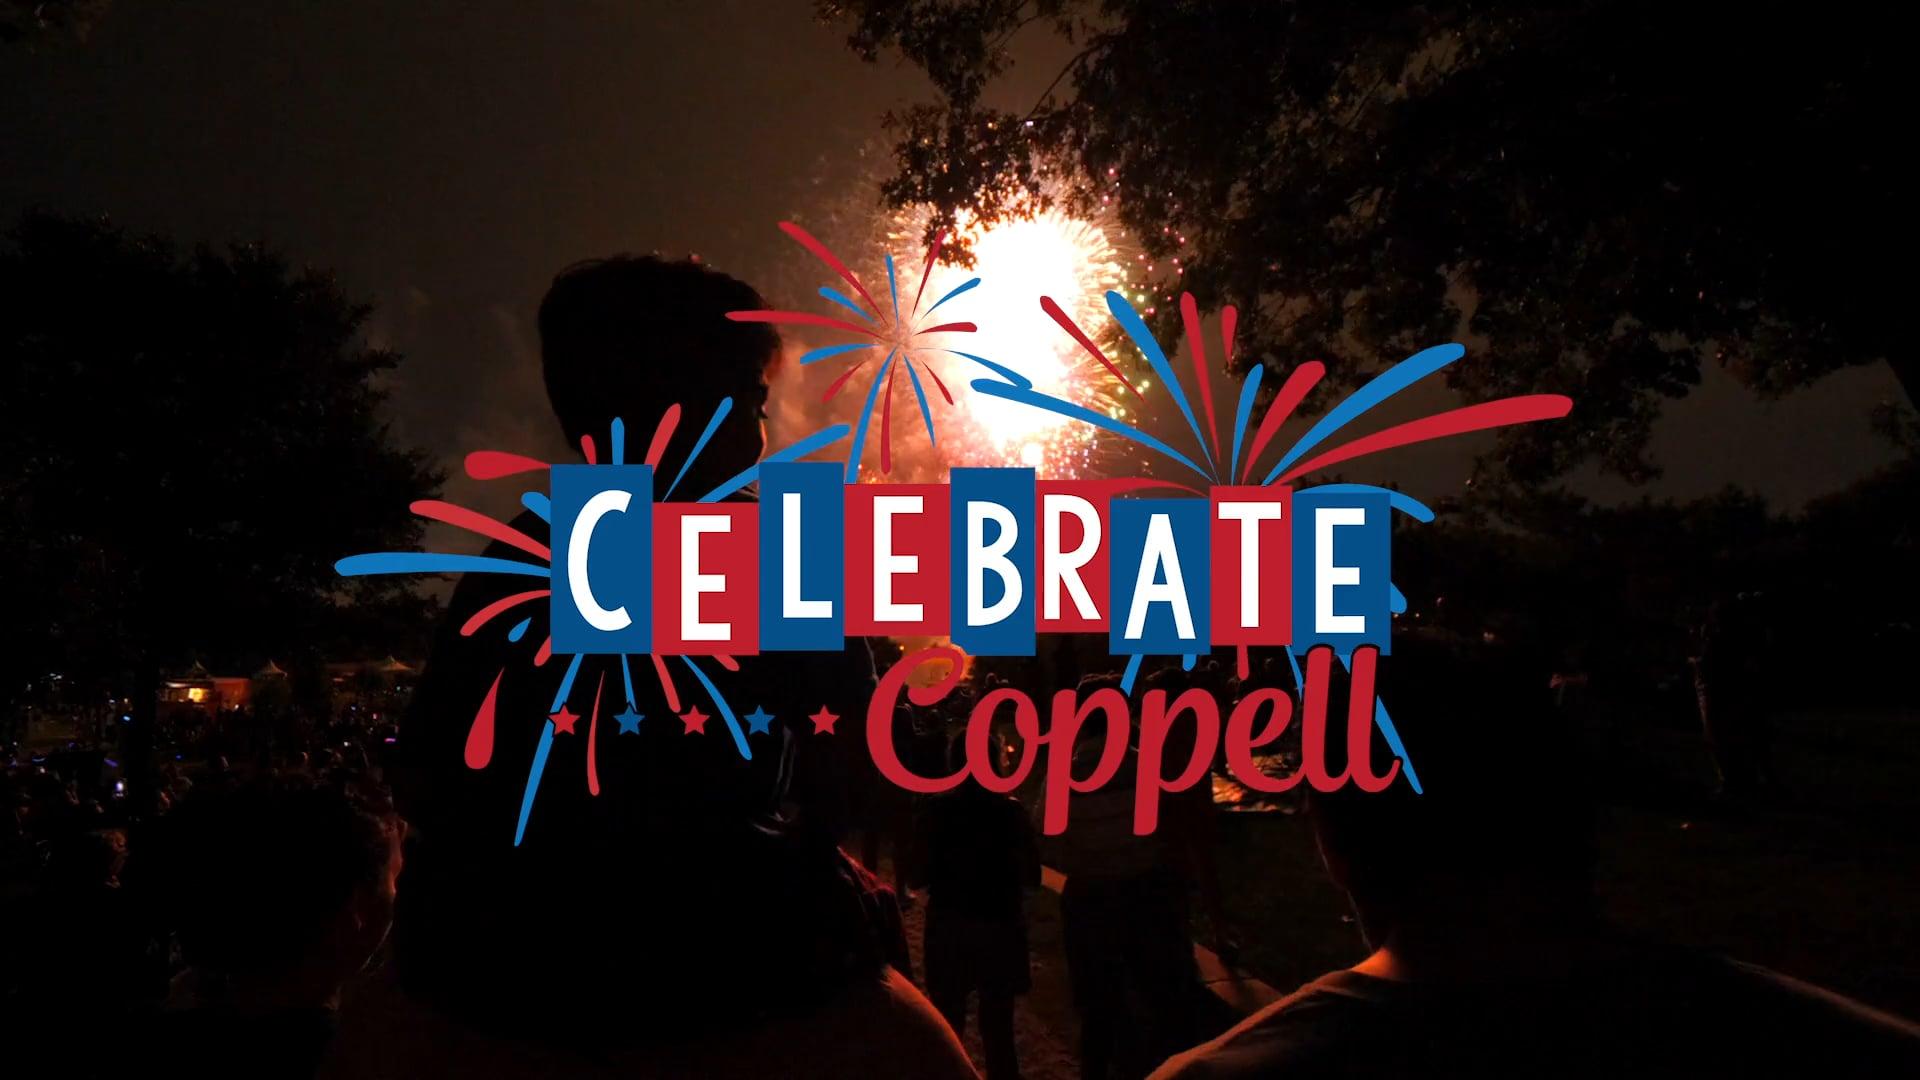 Celebrate Coppell Promo